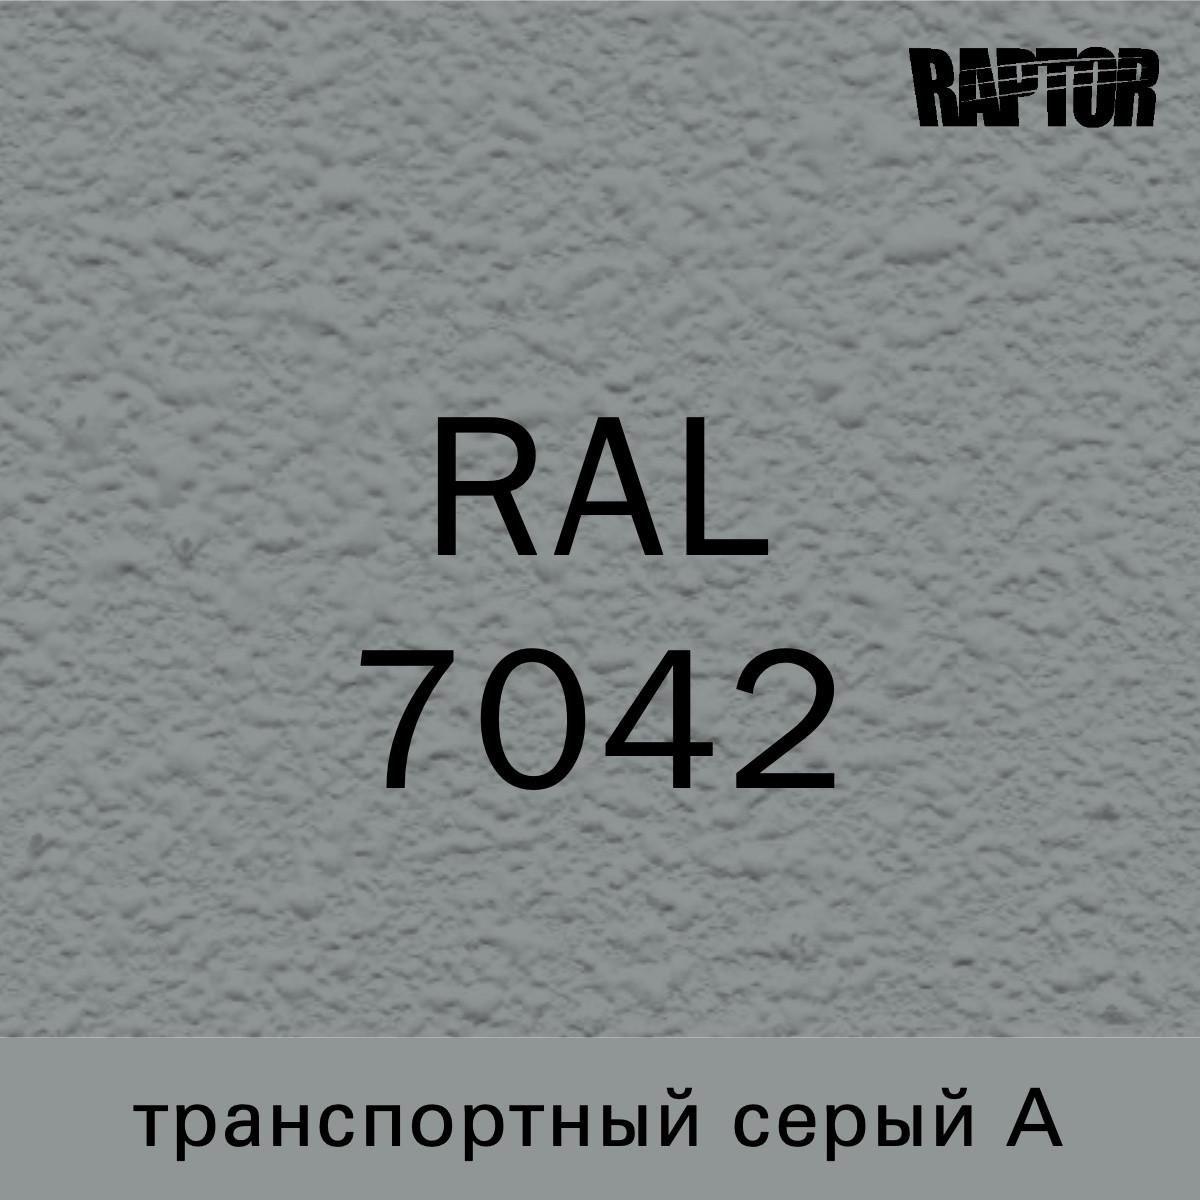 Пігмент для колеровки покриття RAPTOR™ Транспортний А сірий (RAL 7042)